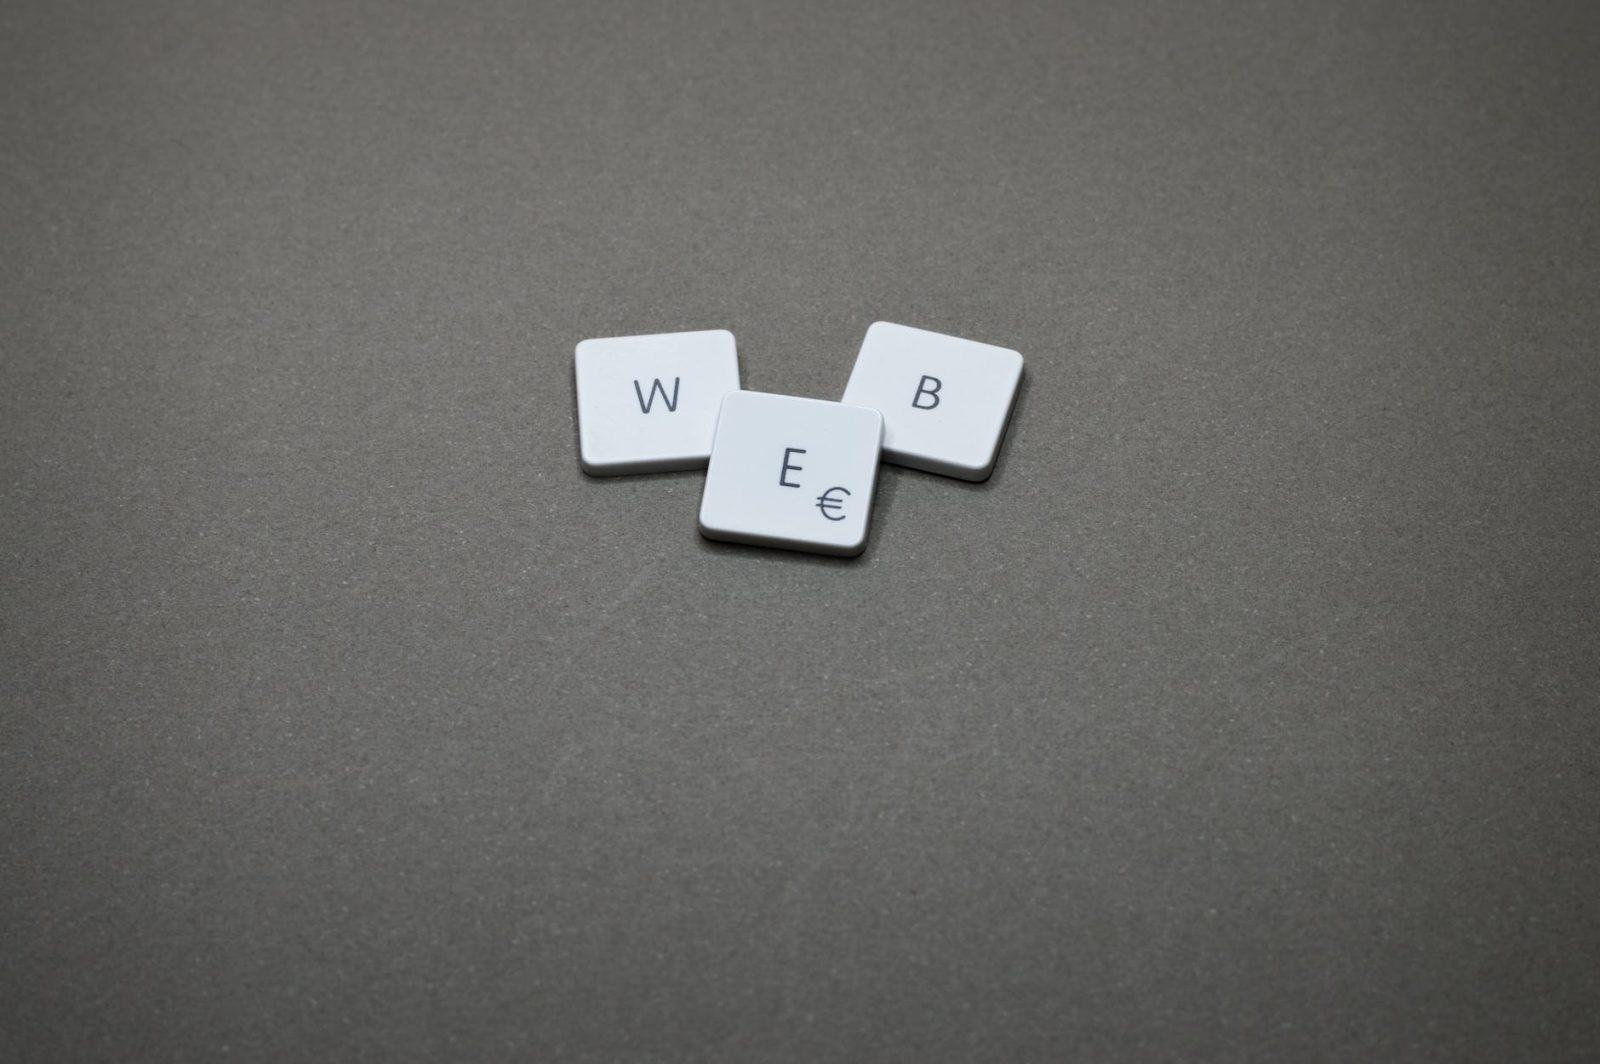 לקנות אתר אינטרנט – נכס דיגיטלי מוכן